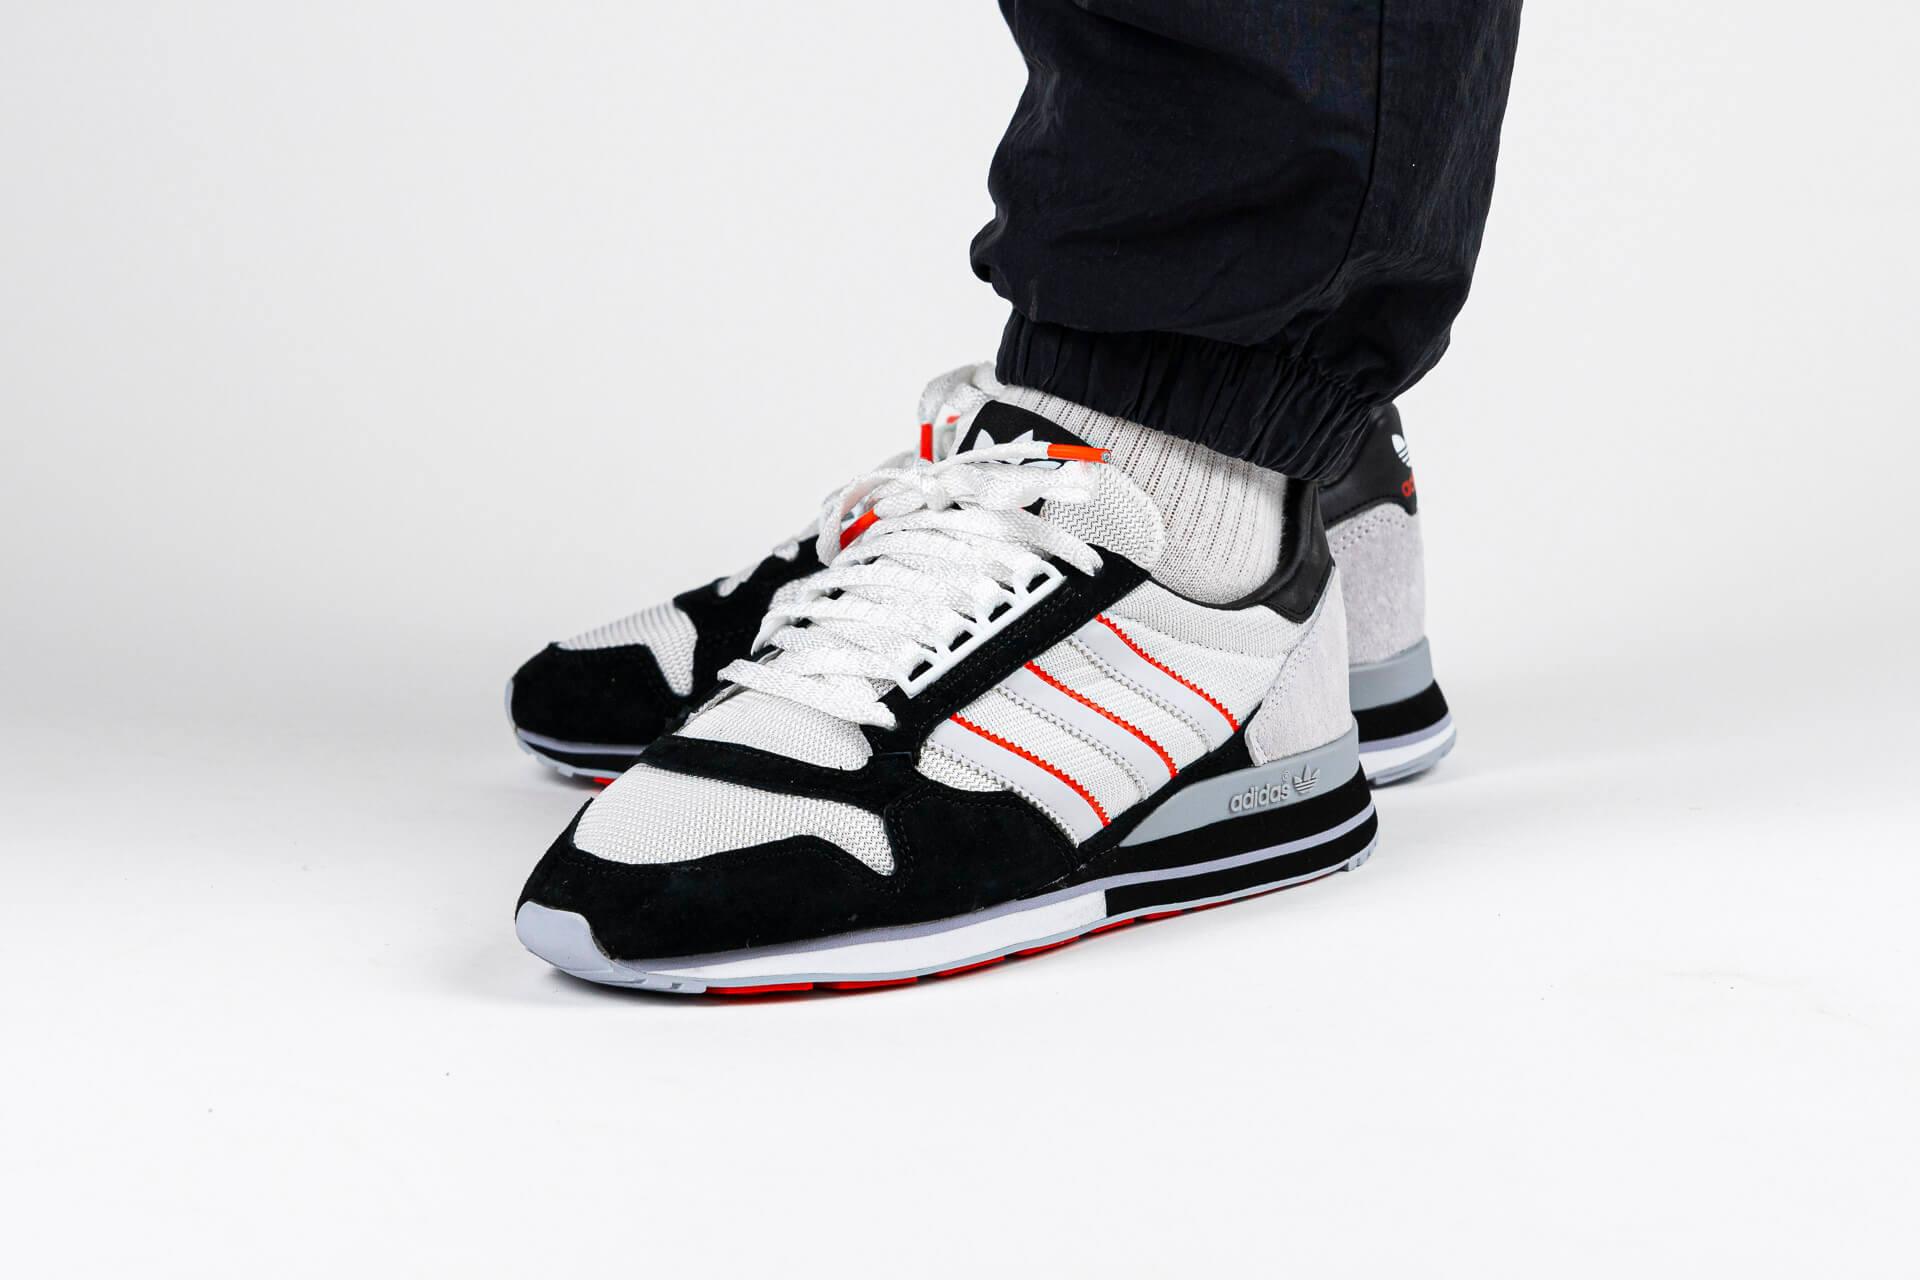 zeigt ZX 500 von Adidas